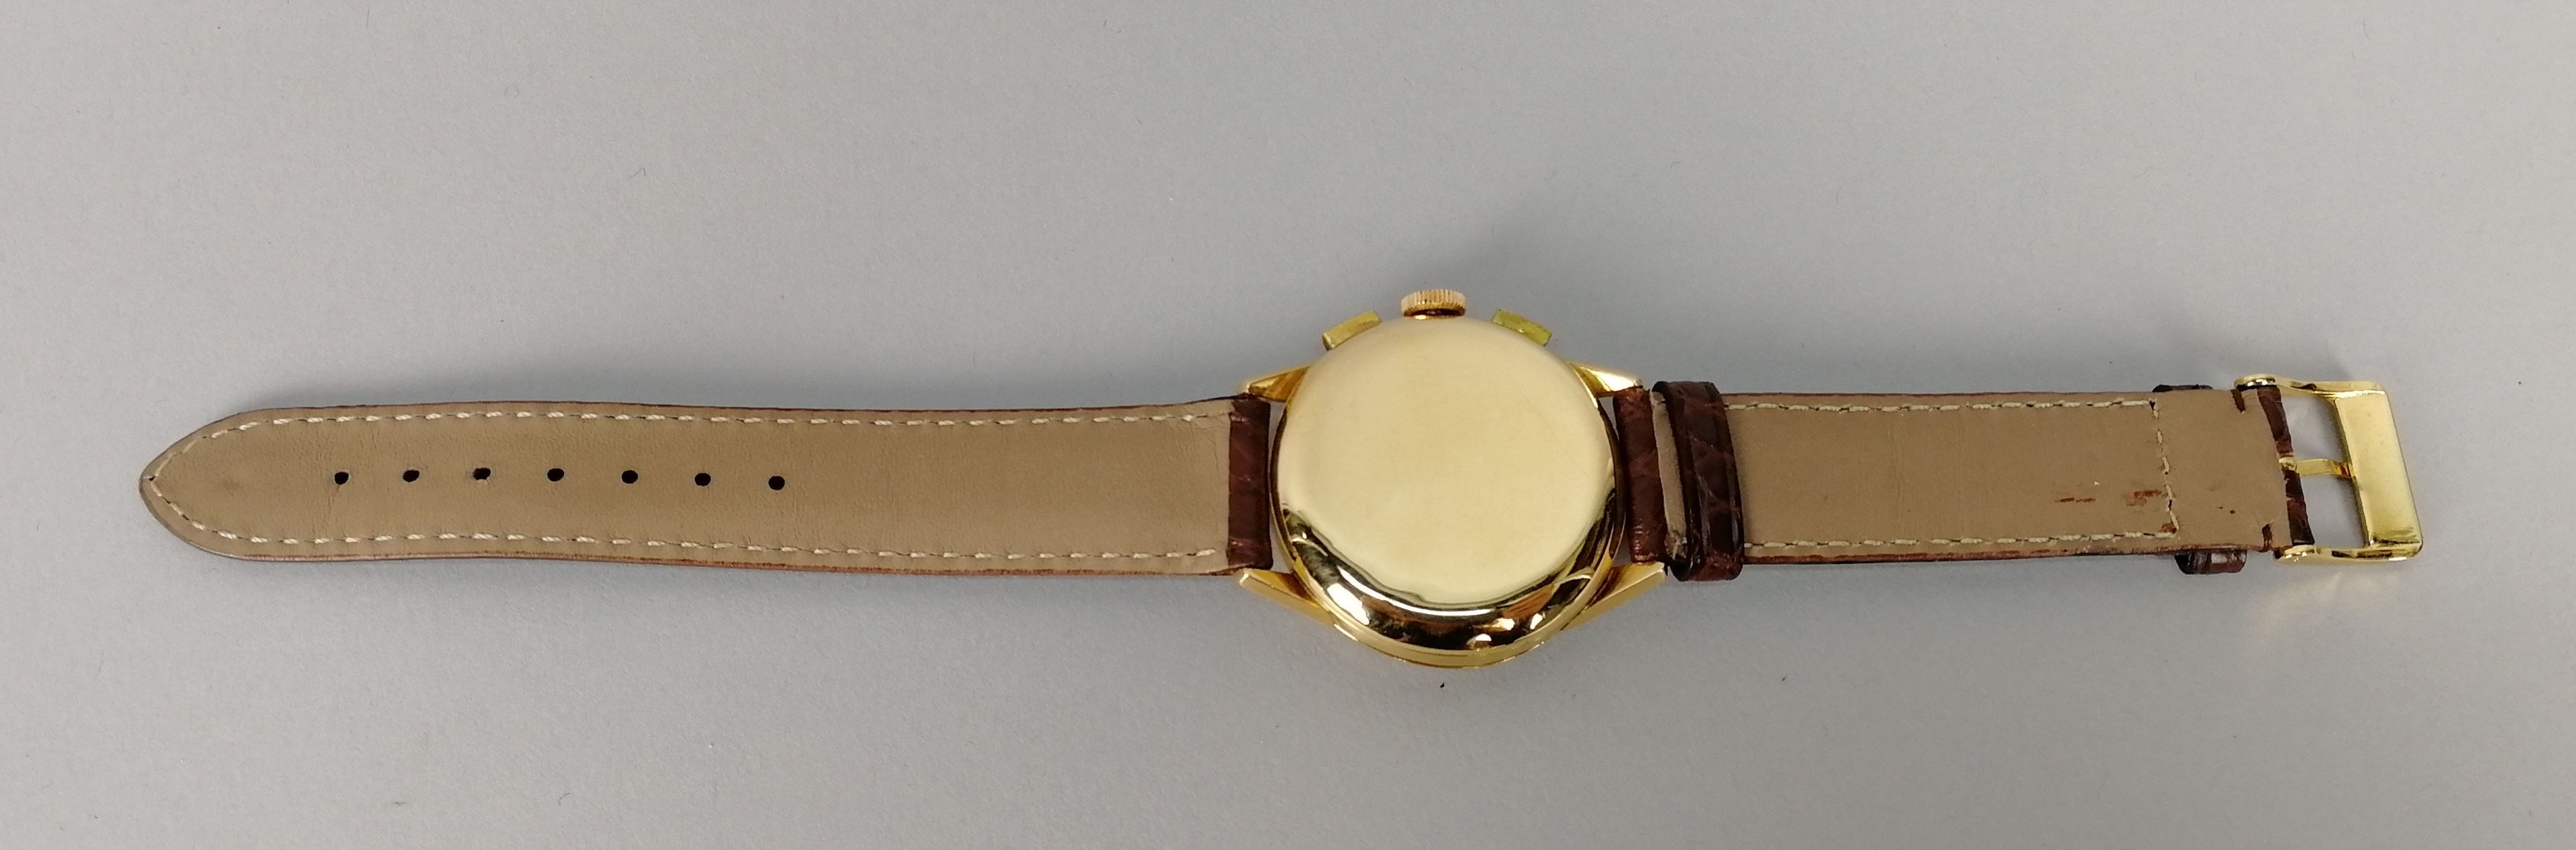 Lot 39 - UNIVERSAL GENEVE. Orologio da uomo in oro giallo 18 kt., modello Compur crono manuale. Quadrante